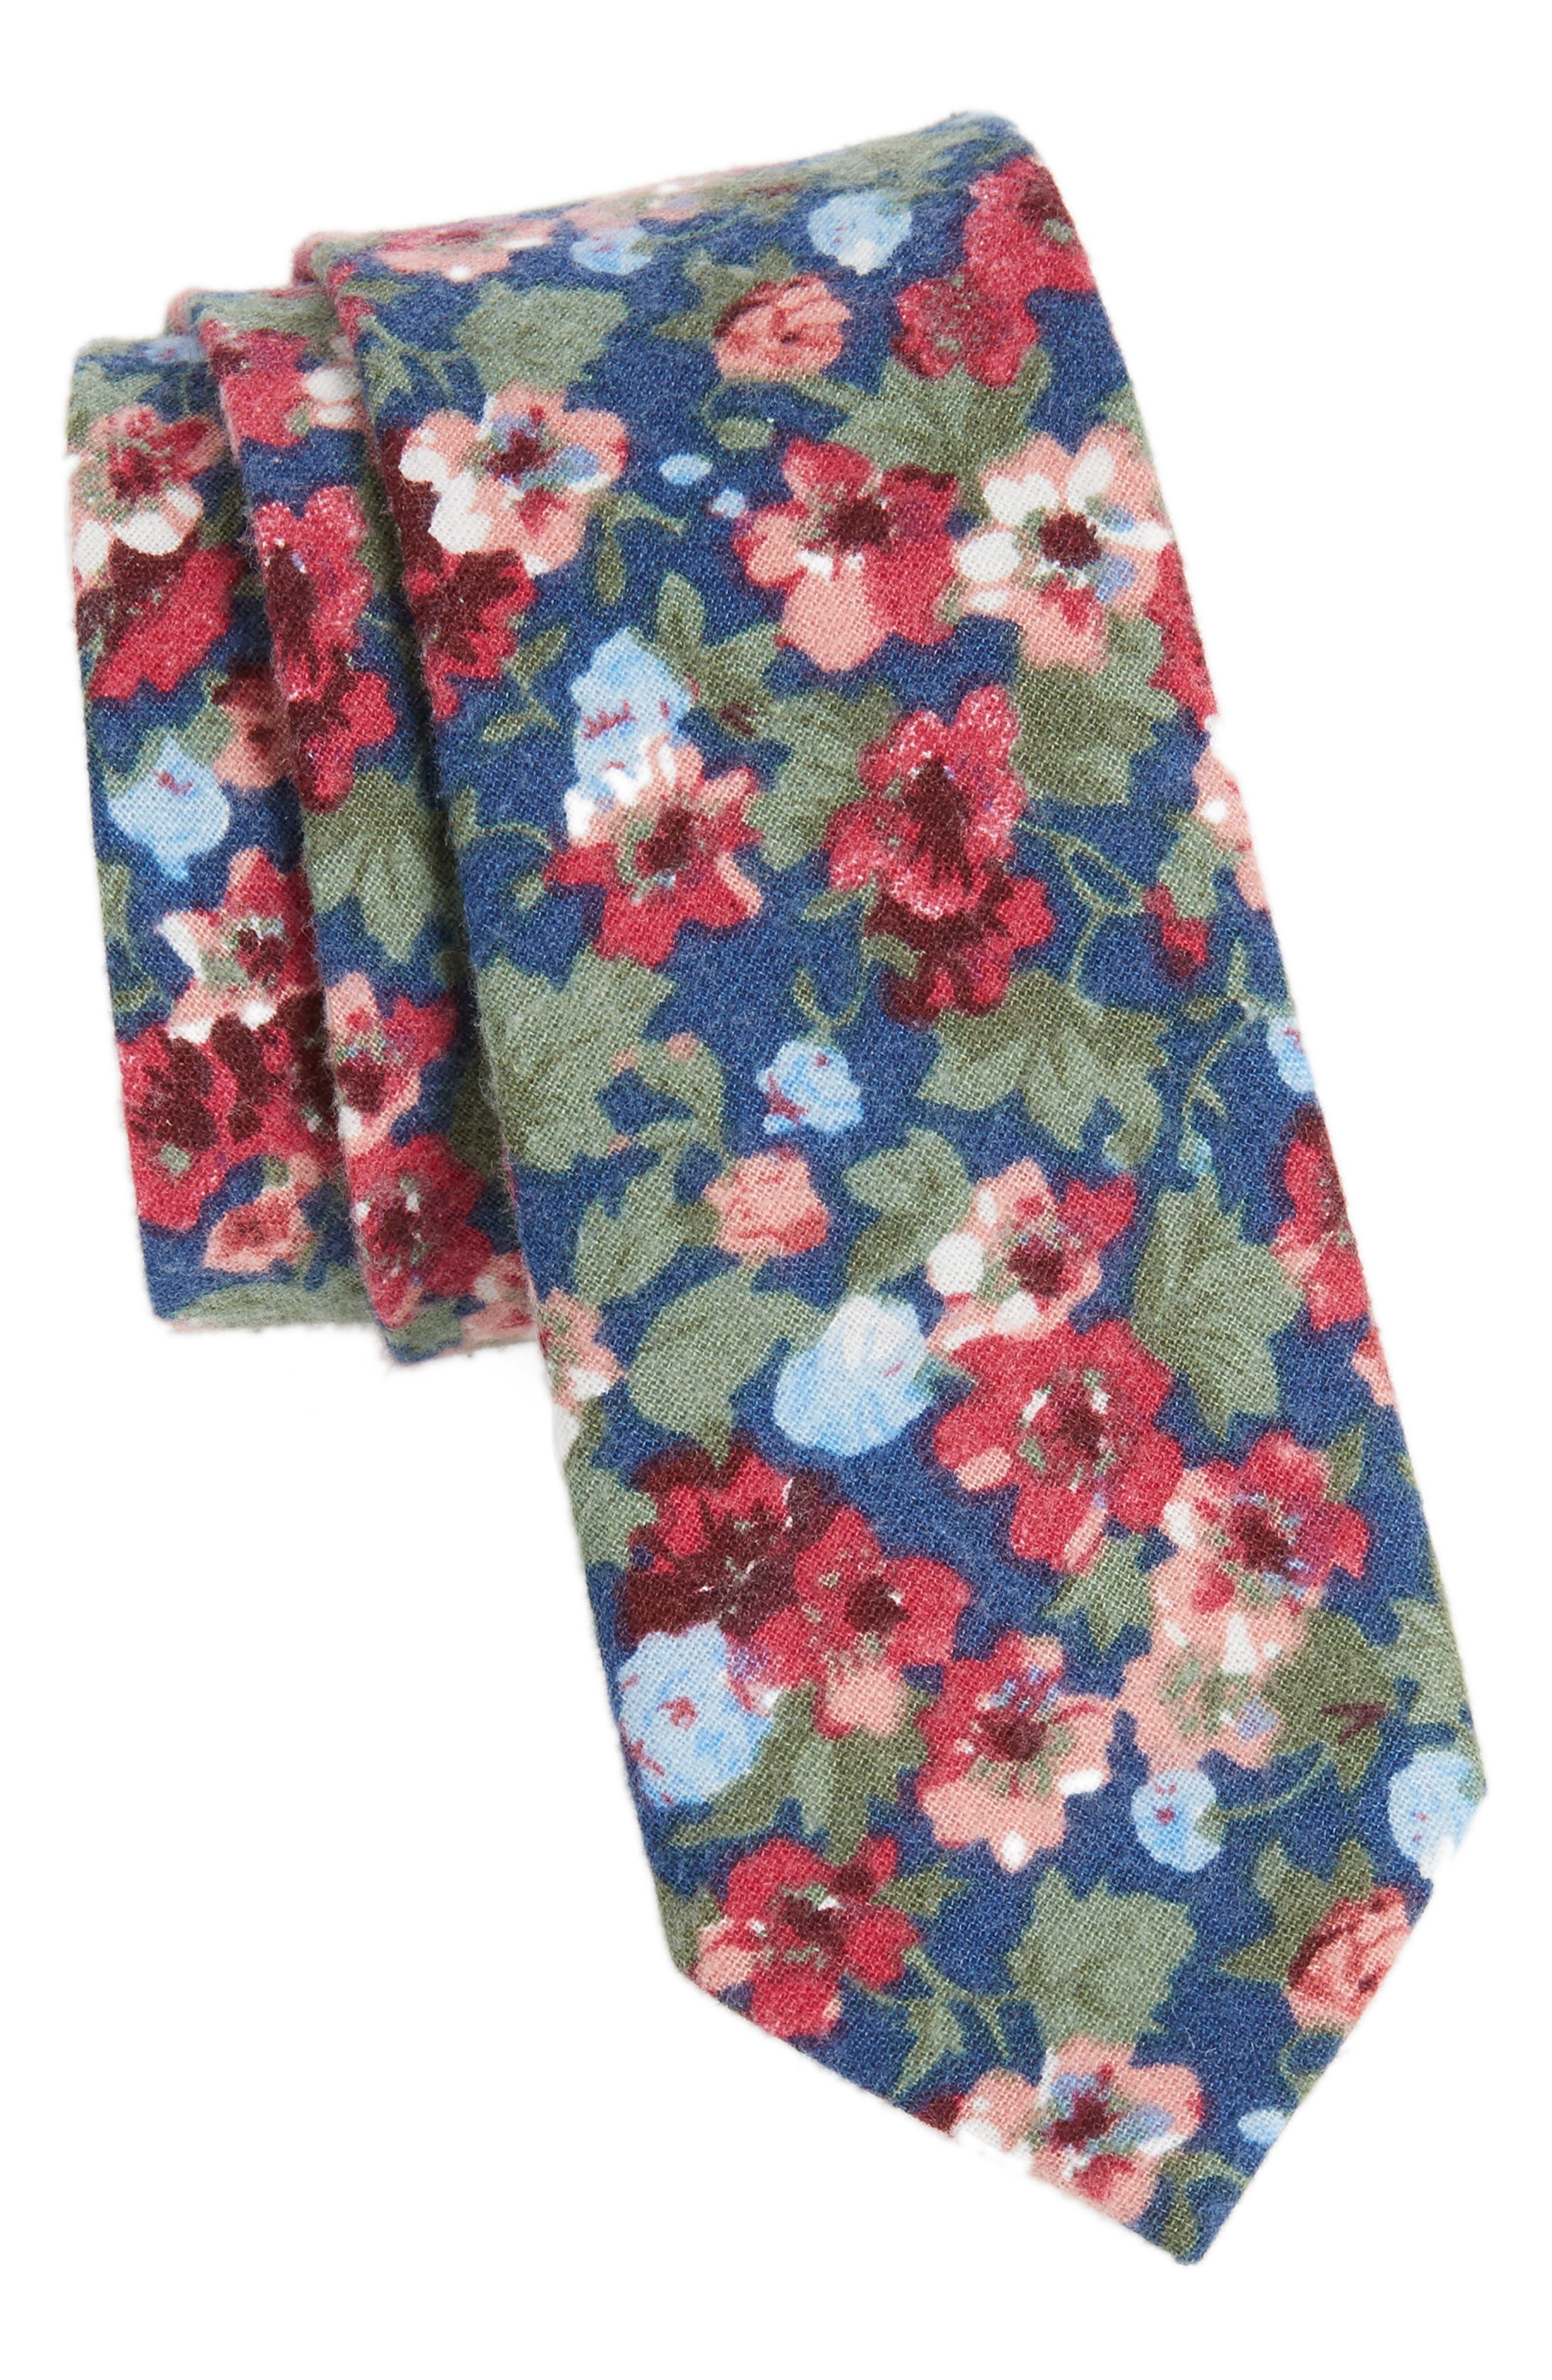 Garden Floral Cotton Tie,                             Main thumbnail 1, color,                             Blue